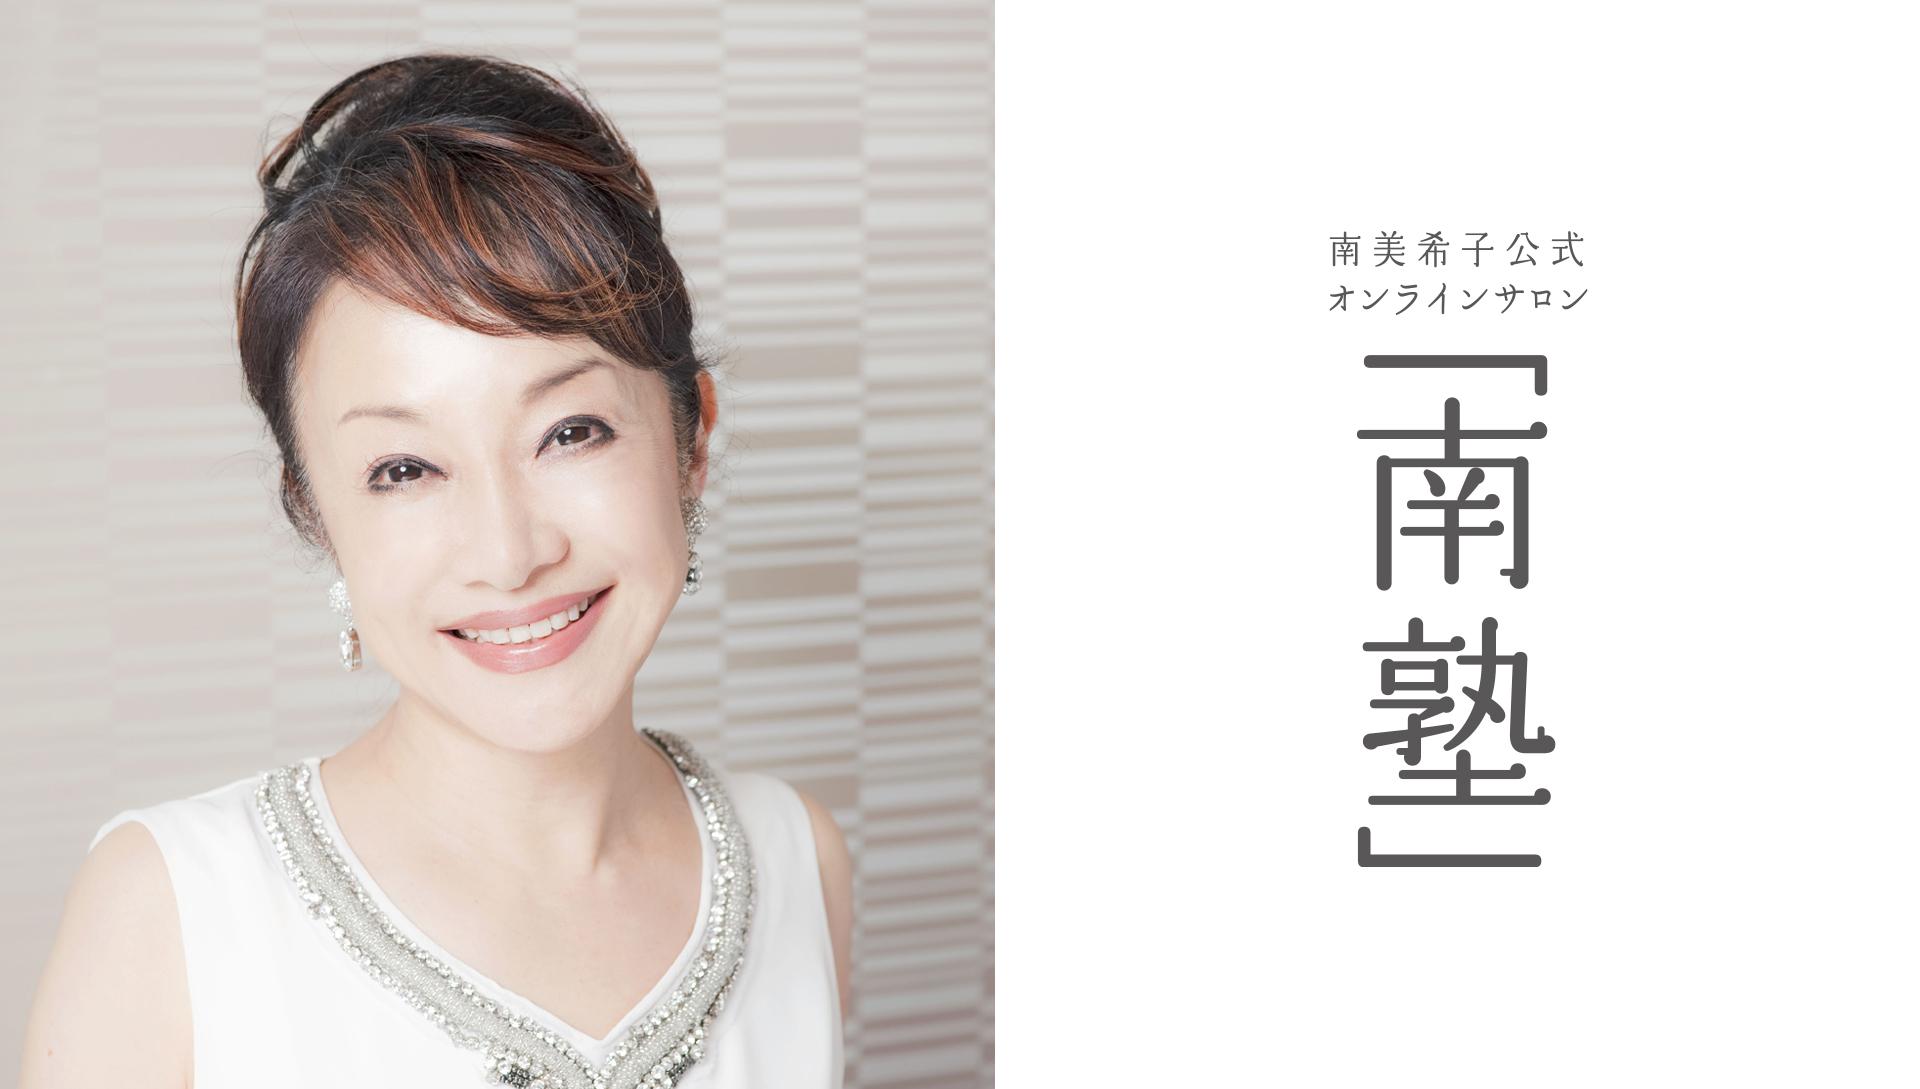 南美希子公式オンラインサロン「南塾」